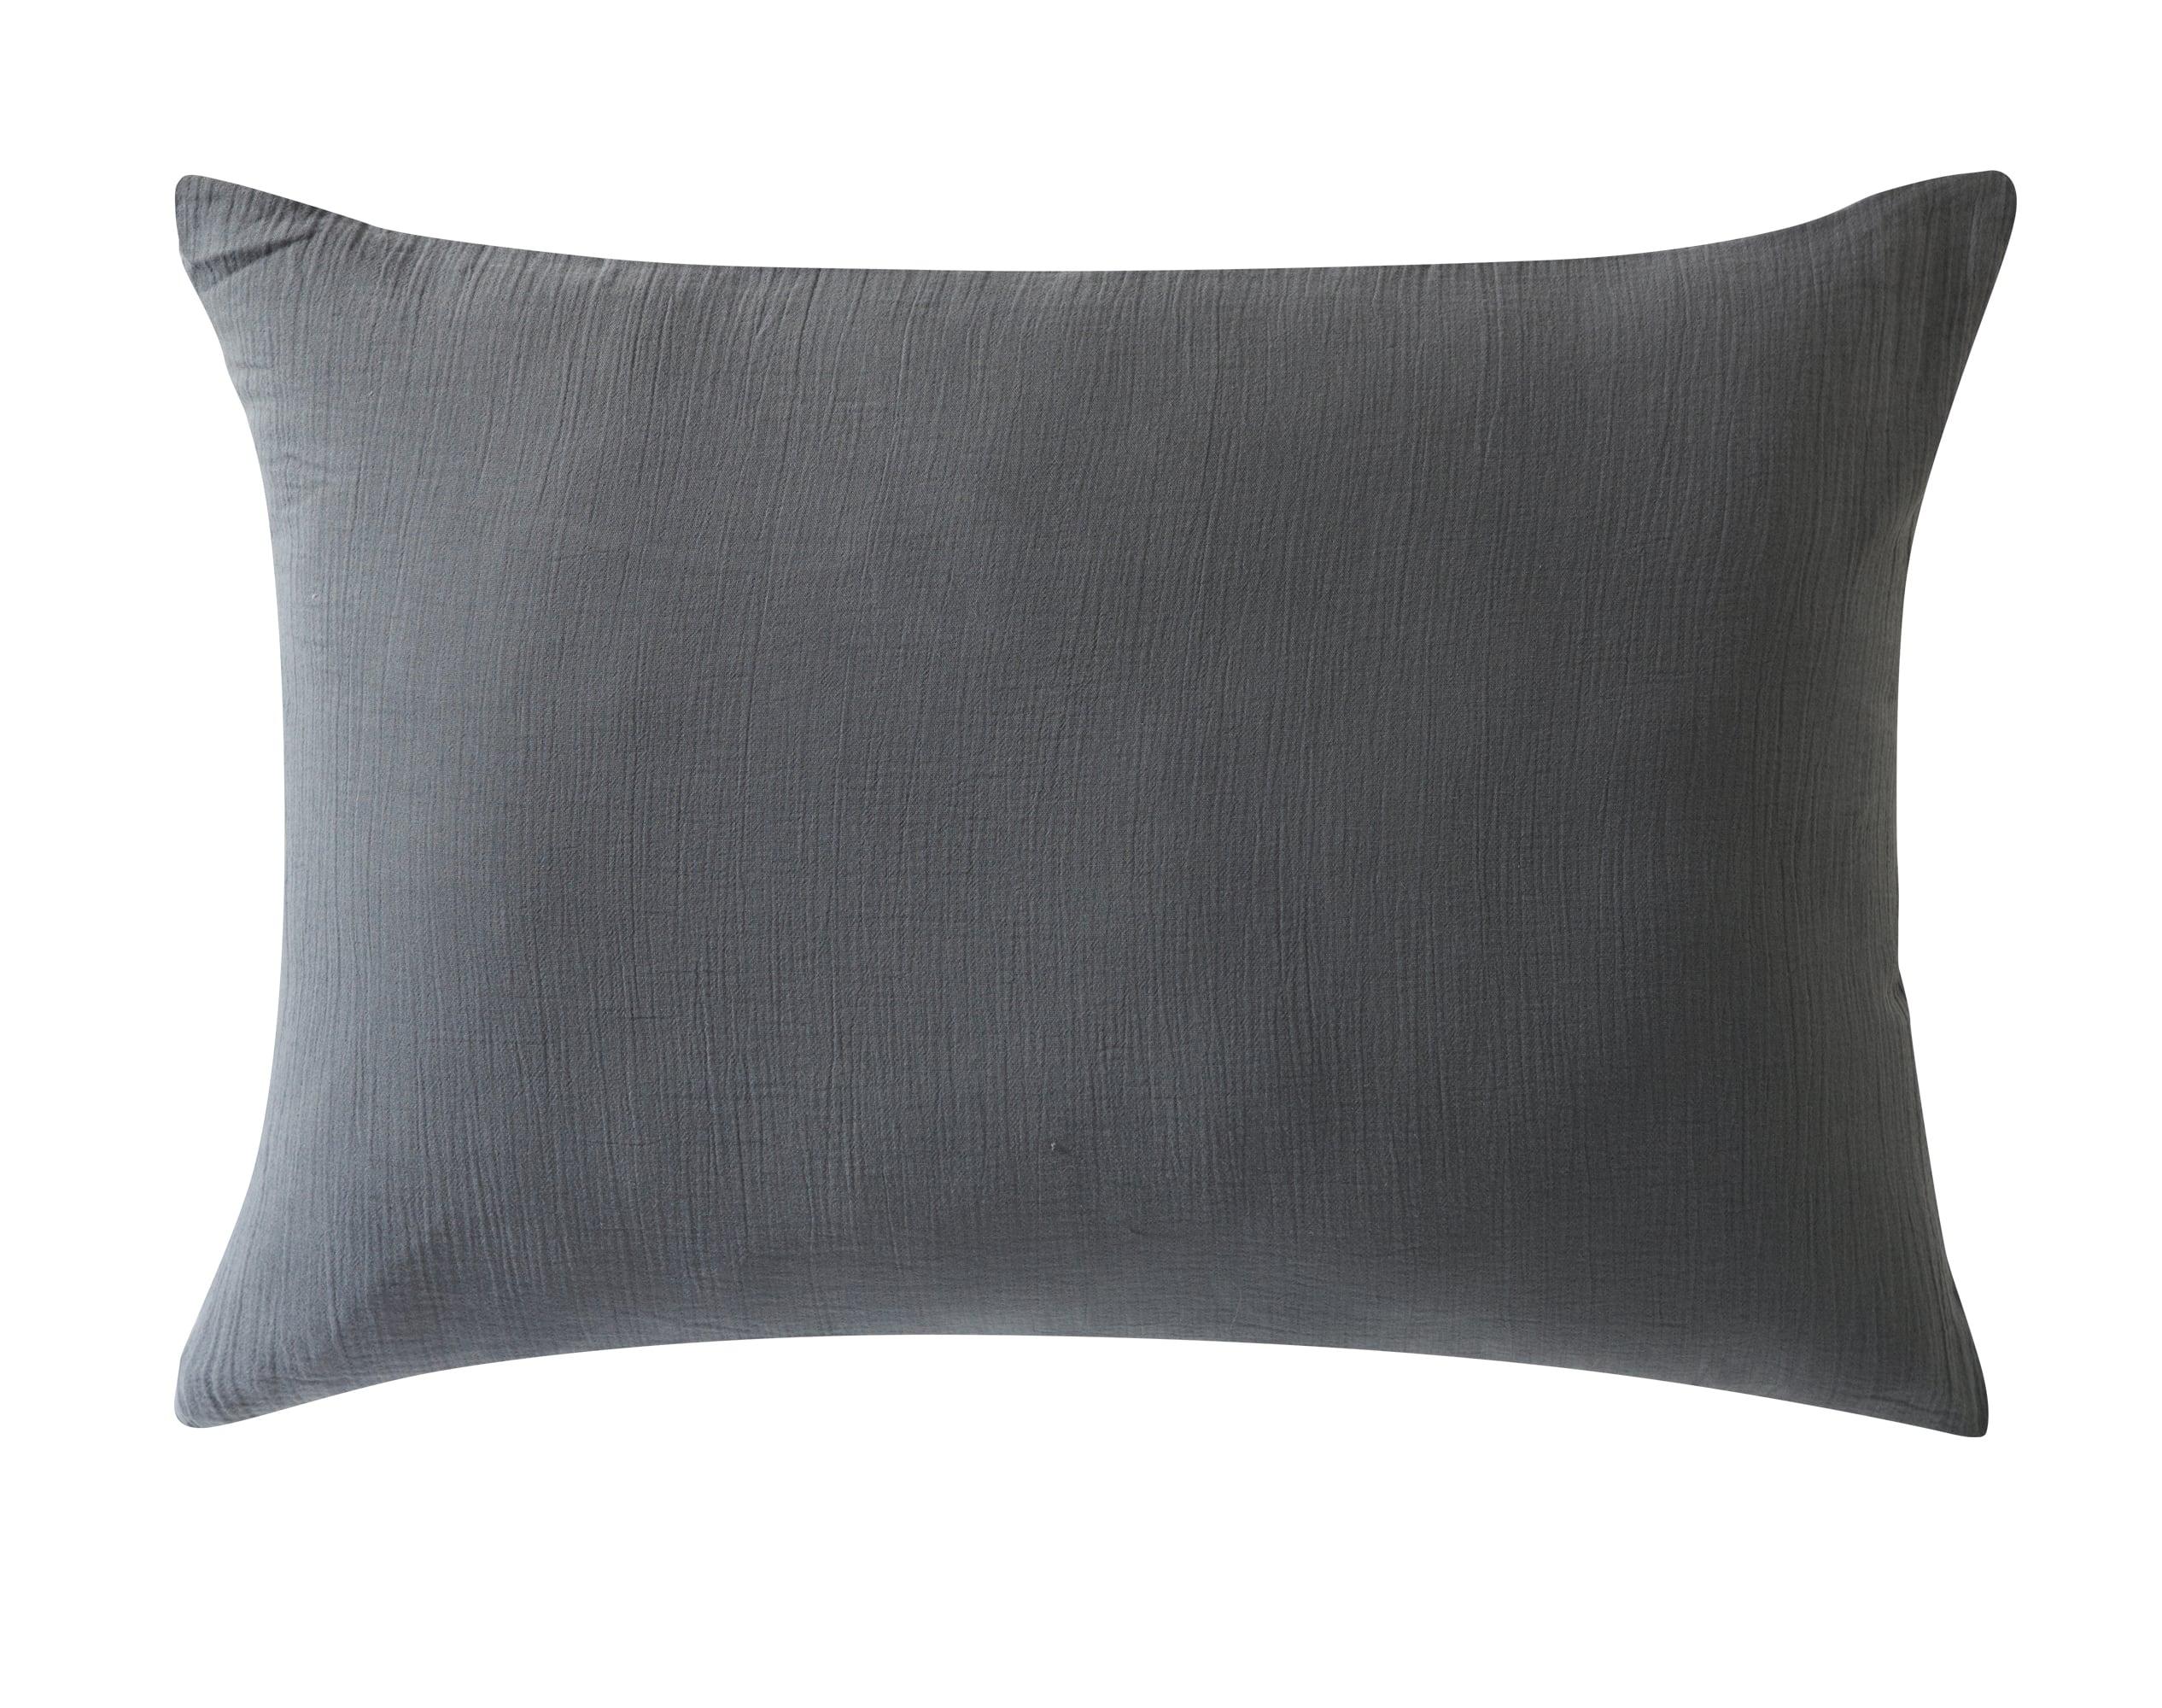 Taie d'oreiller 50x70 en gaze de coton gris anthracite